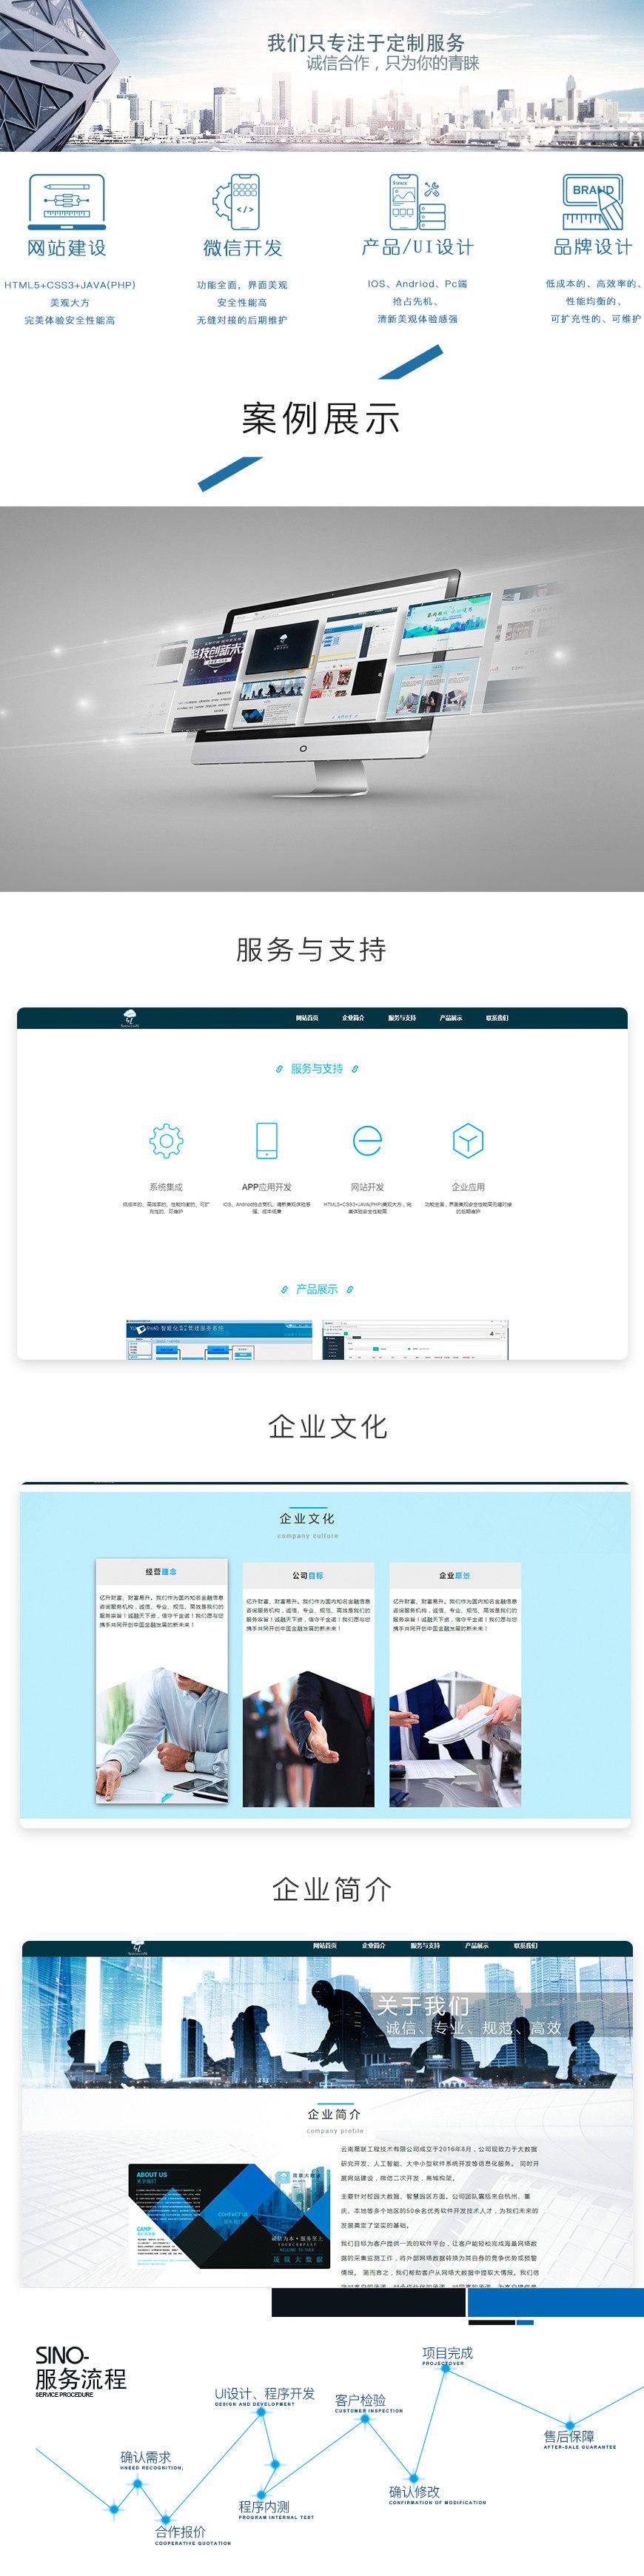 商品展示-公司官网.jpg